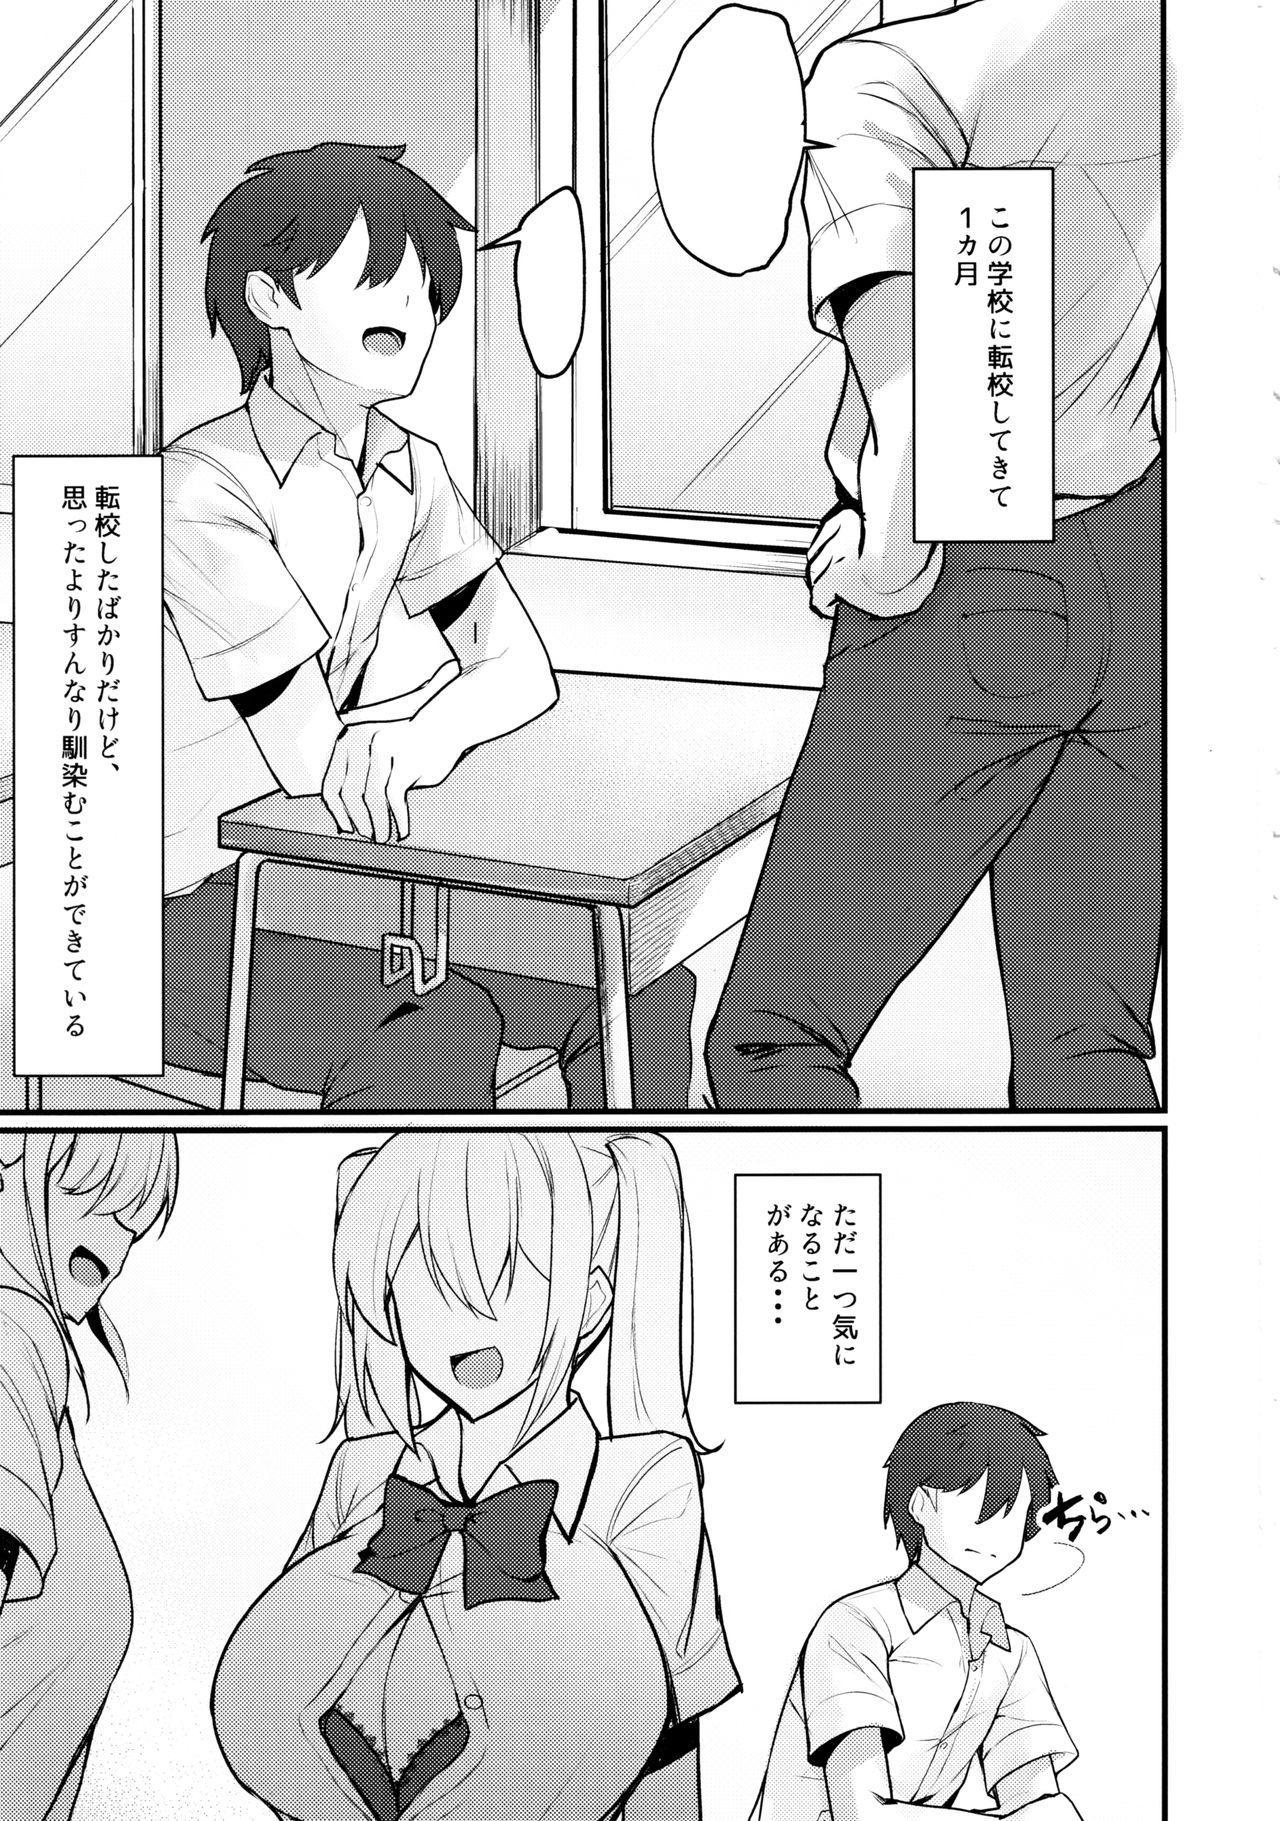 Class no Bakunyuu Gal ga Kininatte Shikatanai! 1